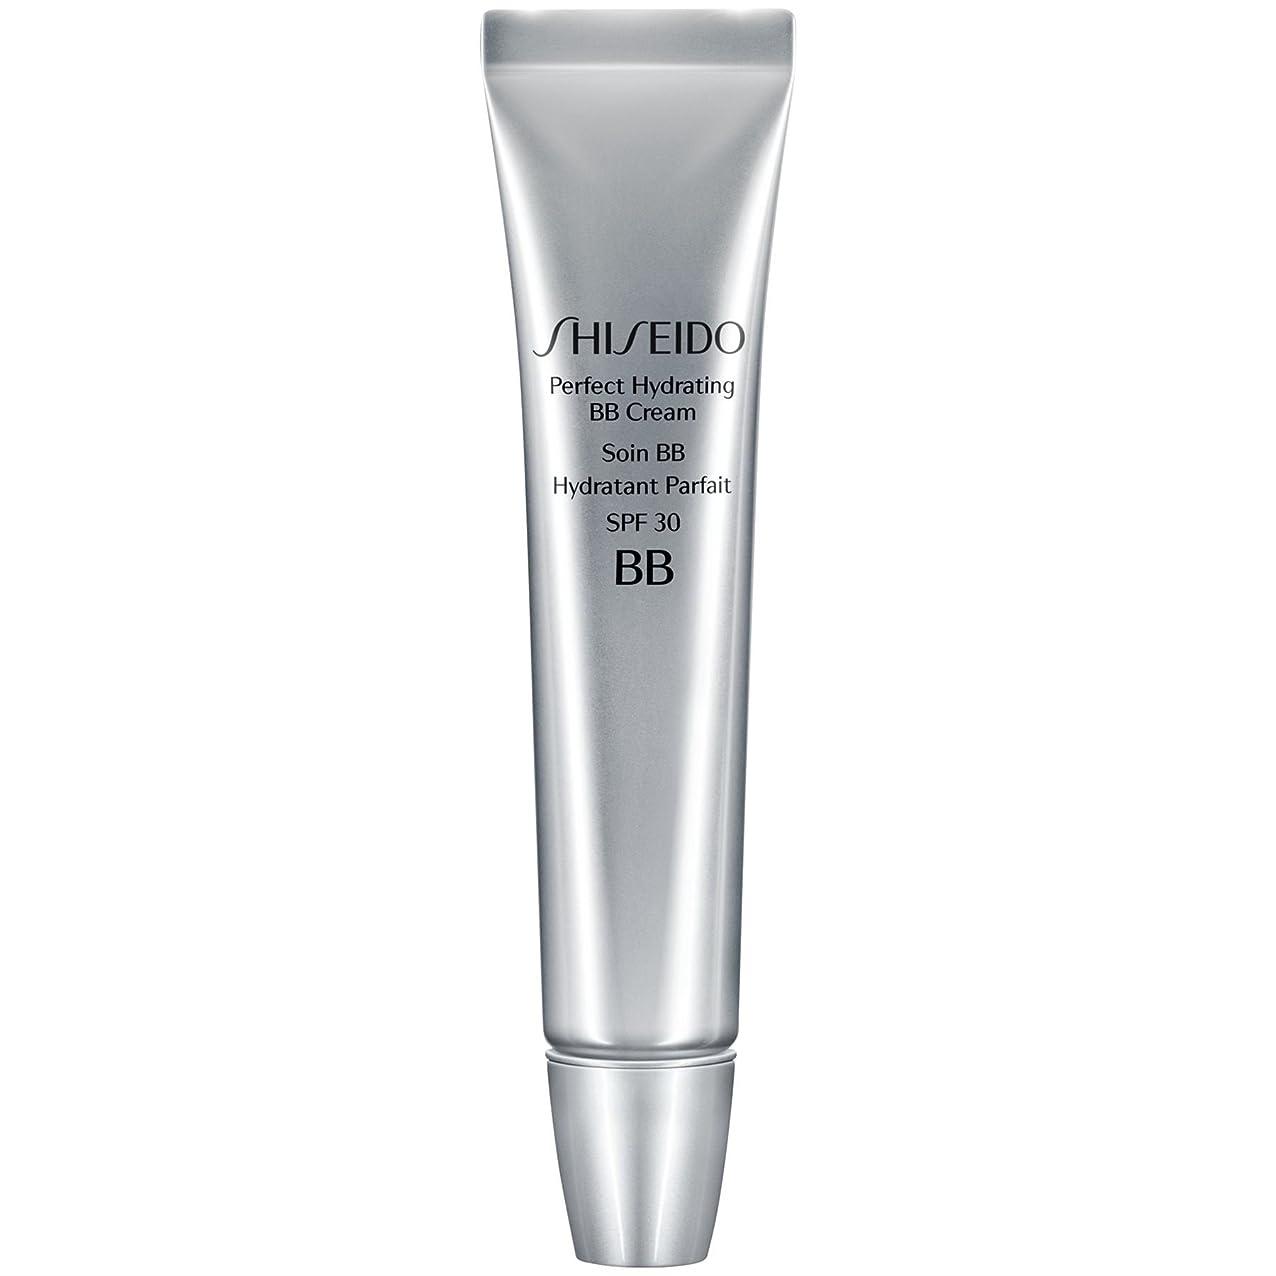 局飛行場シダ[Shiseido ] 資生堂完璧な水和BbクリームSpf 30 30ミリリットルの暗いです - Shiseido Perfect Hydrating BB Cream SPF 30 30ml Dark [並行輸入品]